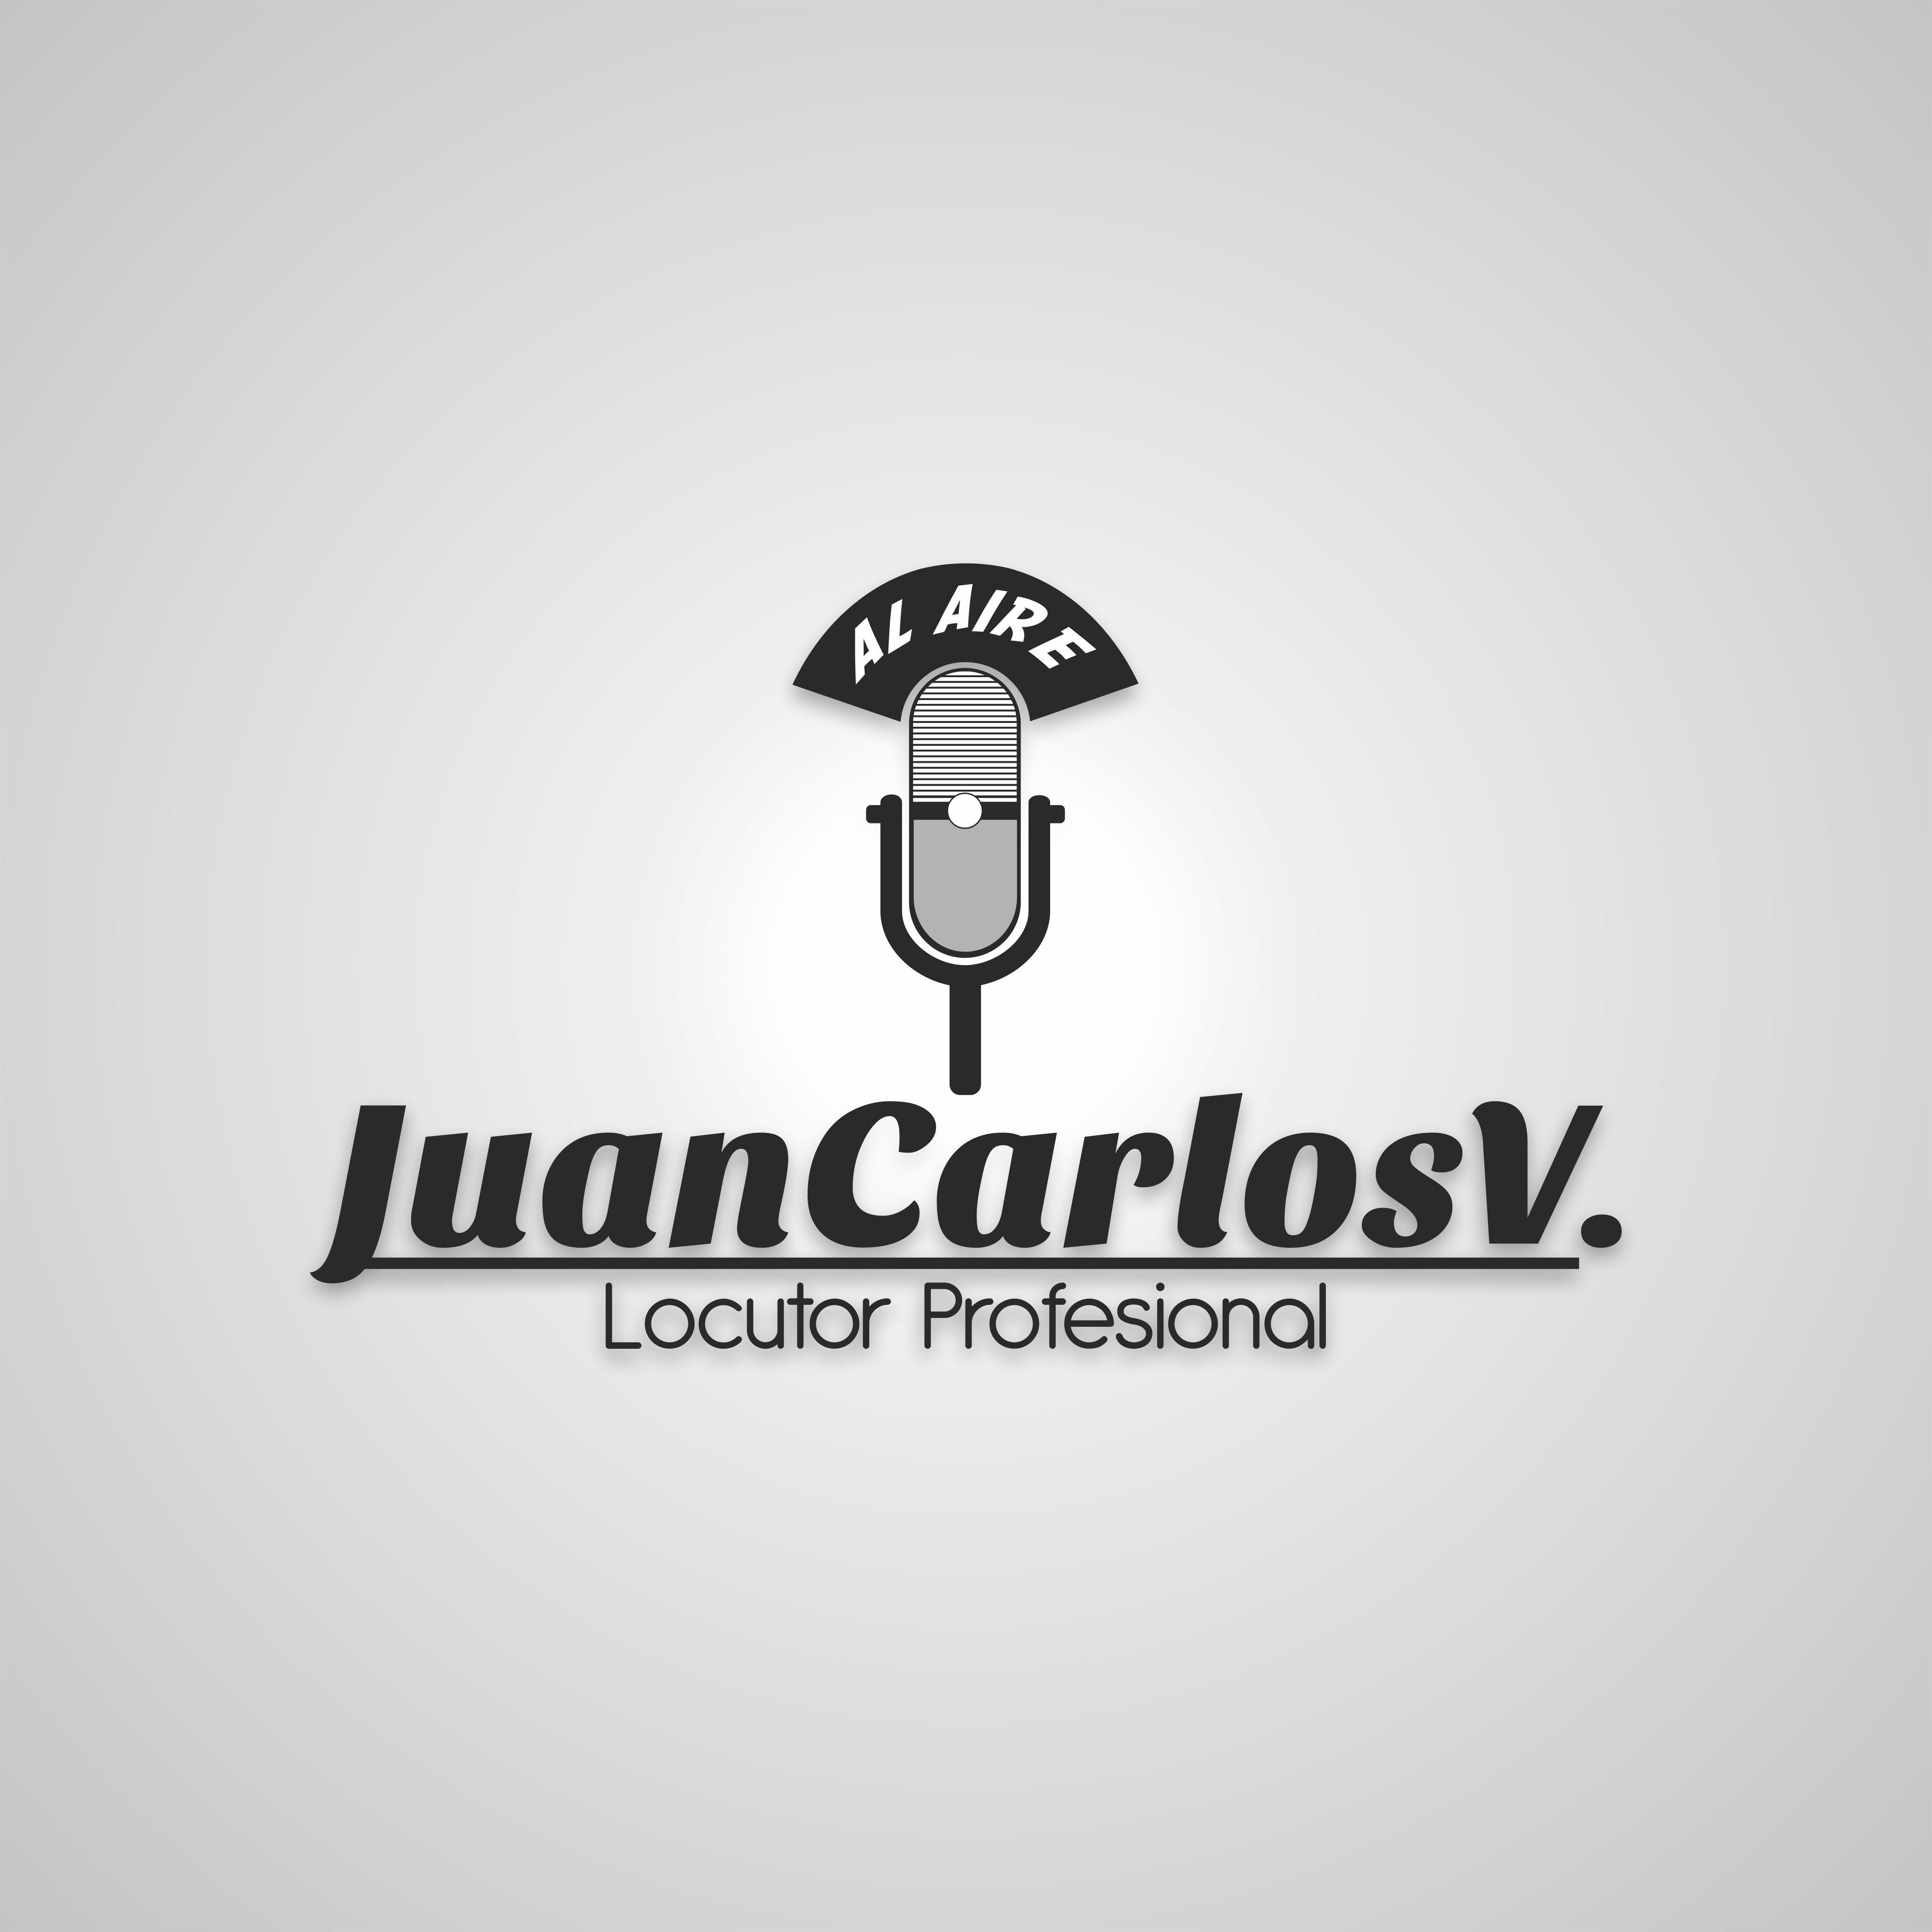 """Diseño de logo para Juan Carlos """"Locutor de Radio"""" Home"""